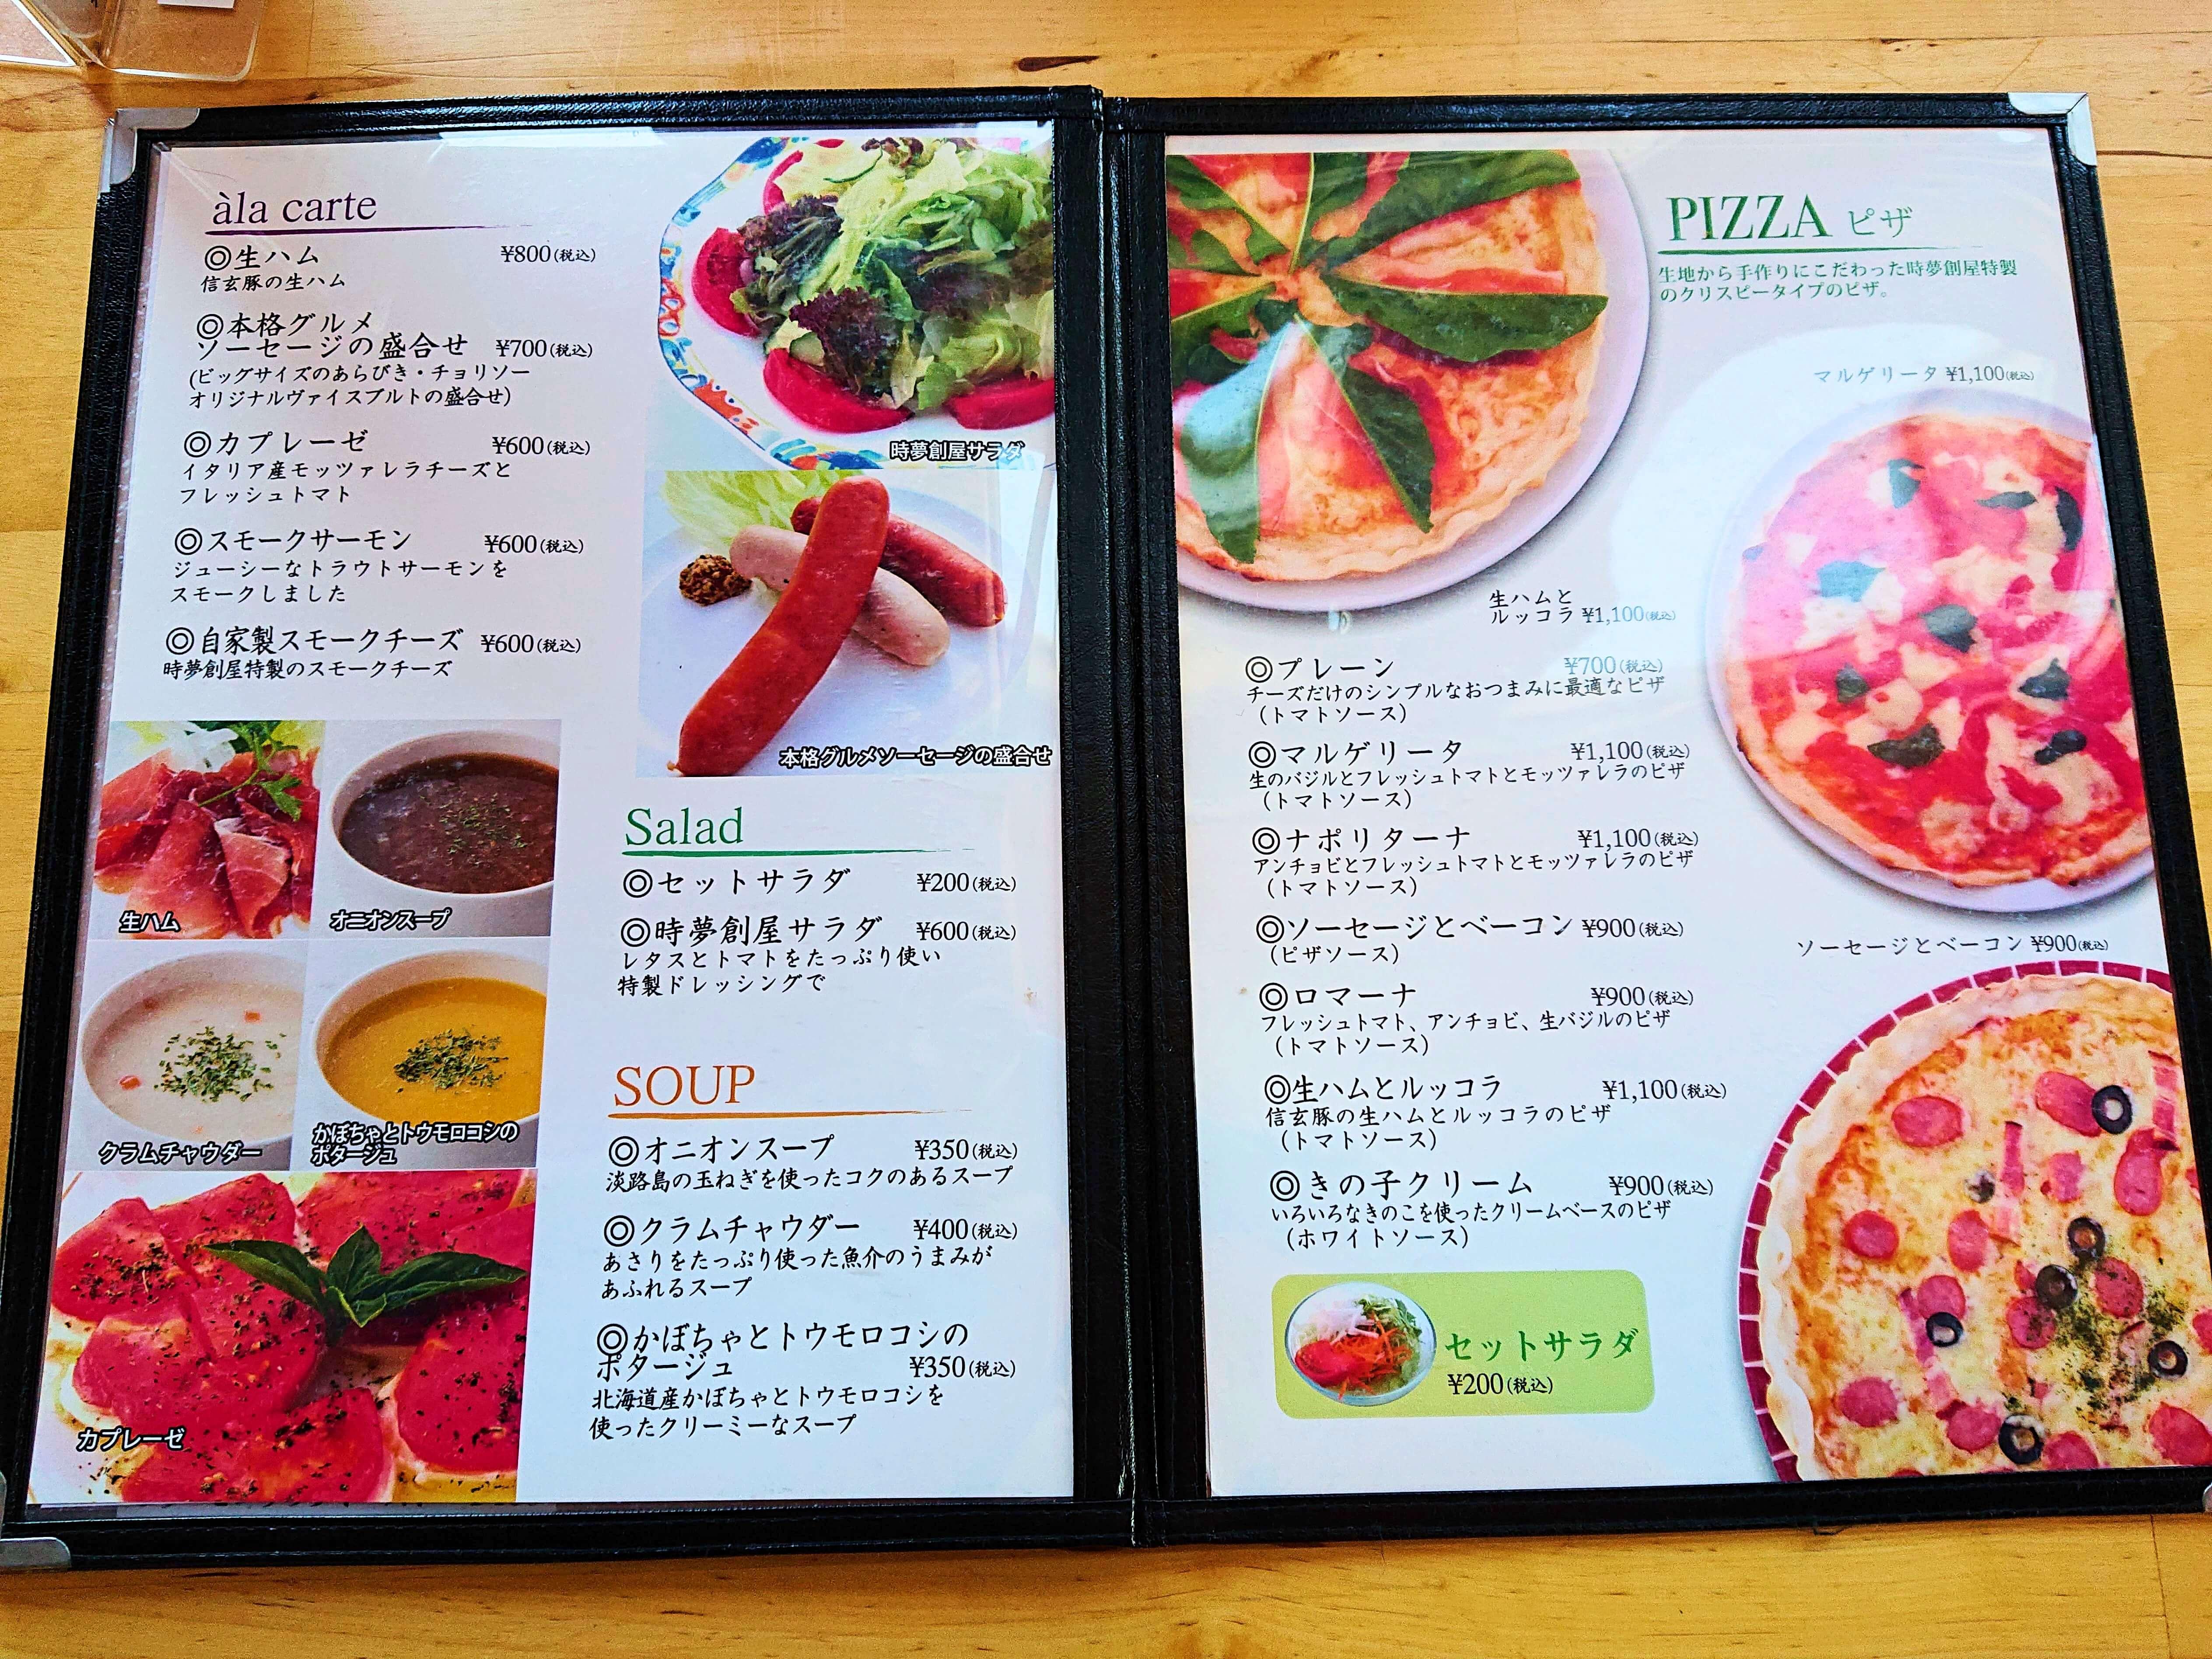 キーズカフェ時夢創屋のメニュー表3